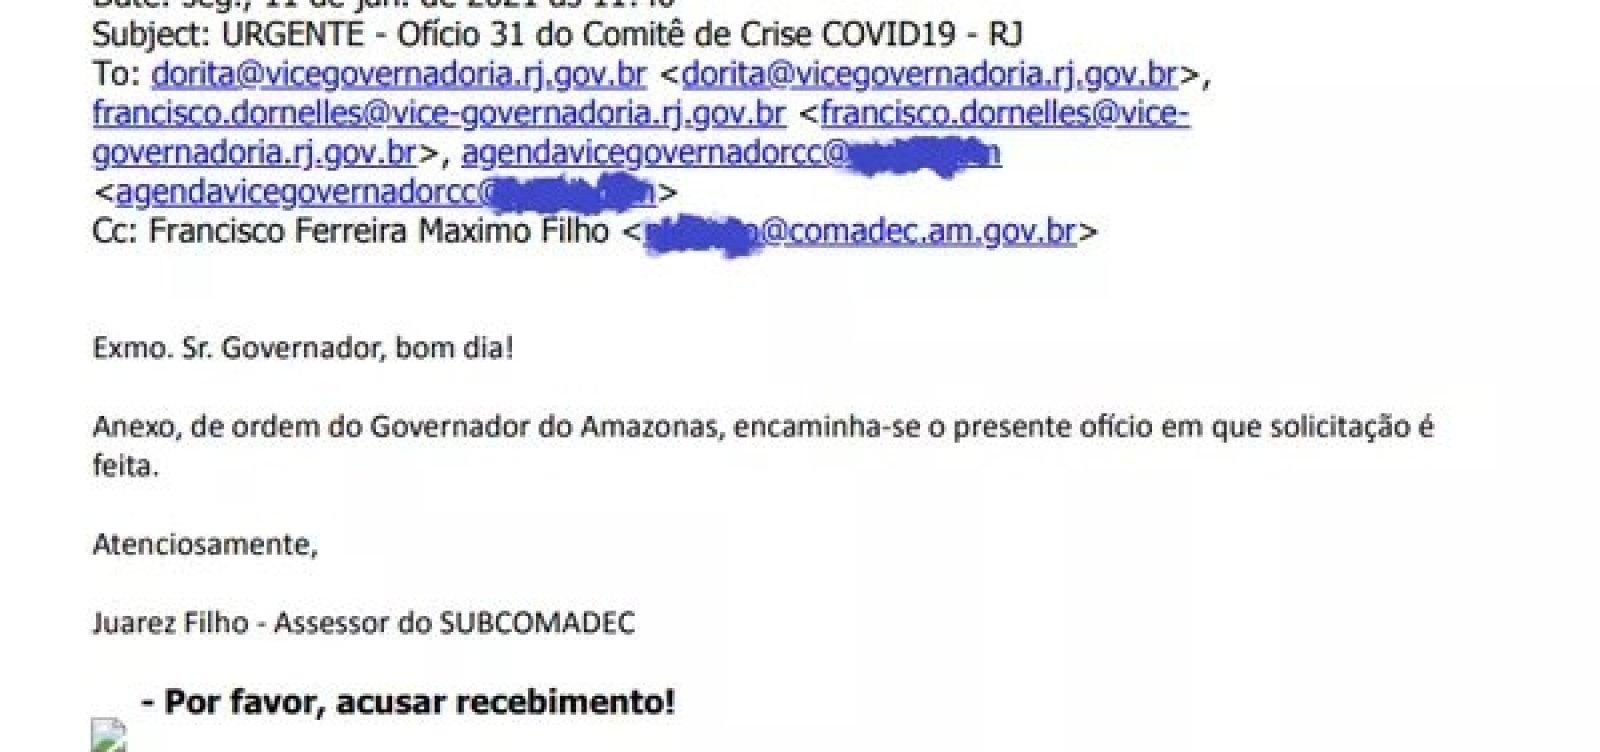 [Pedido de oxigênio feito pelo governo do Amazonas ao estado do RJ foi enviado para e-mail errado]